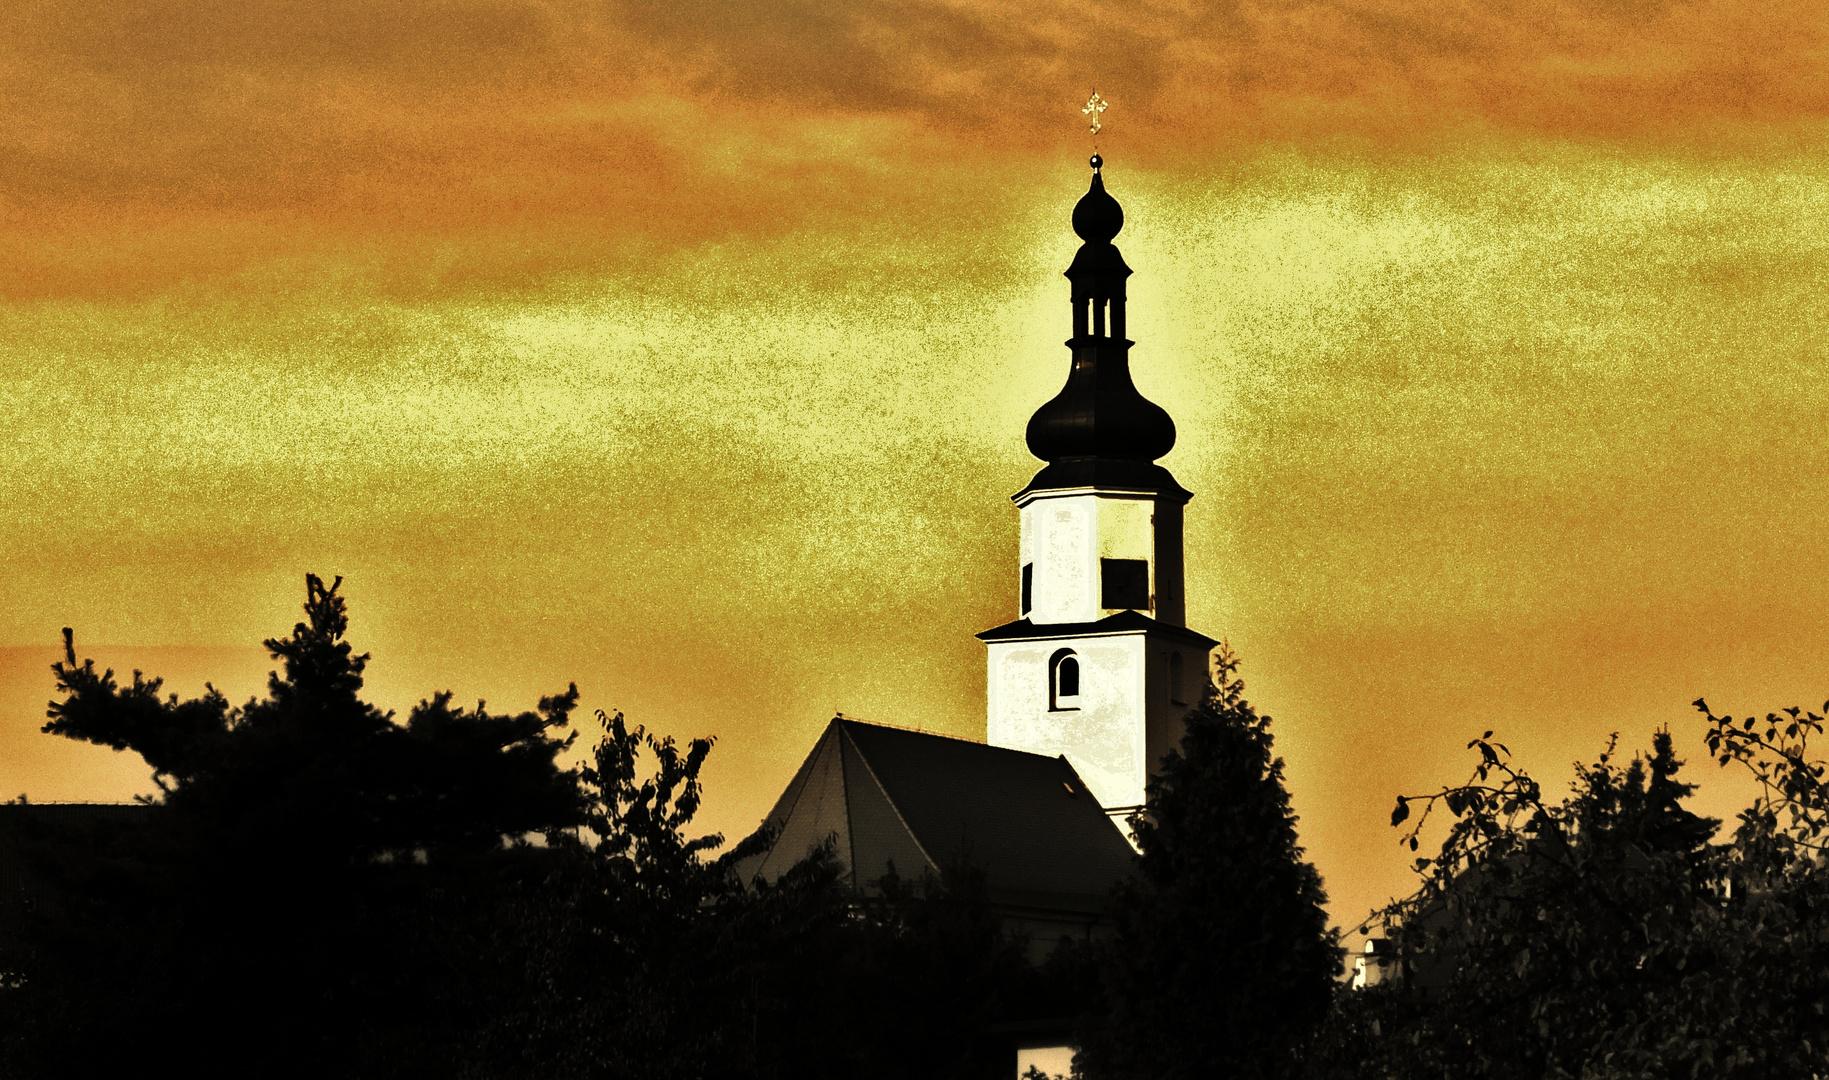 A great church